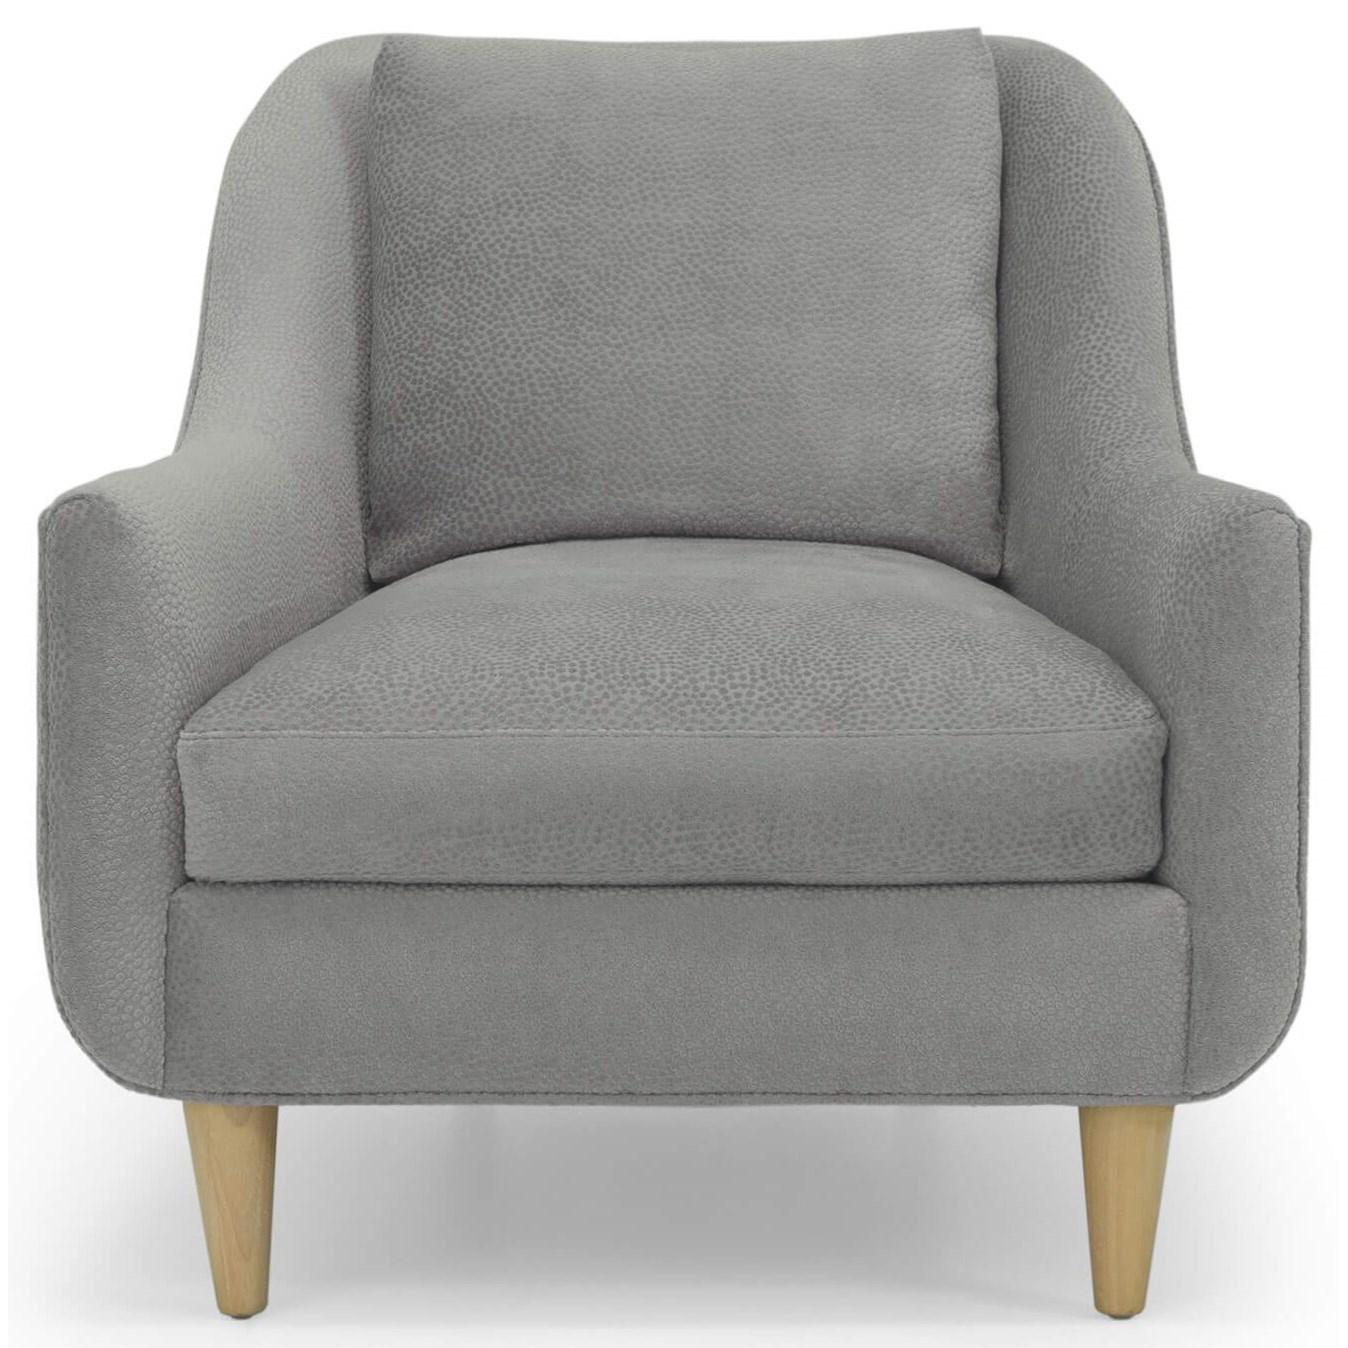 Sarah Richardson Shore Chair by Palliser at Stoney Creek Furniture